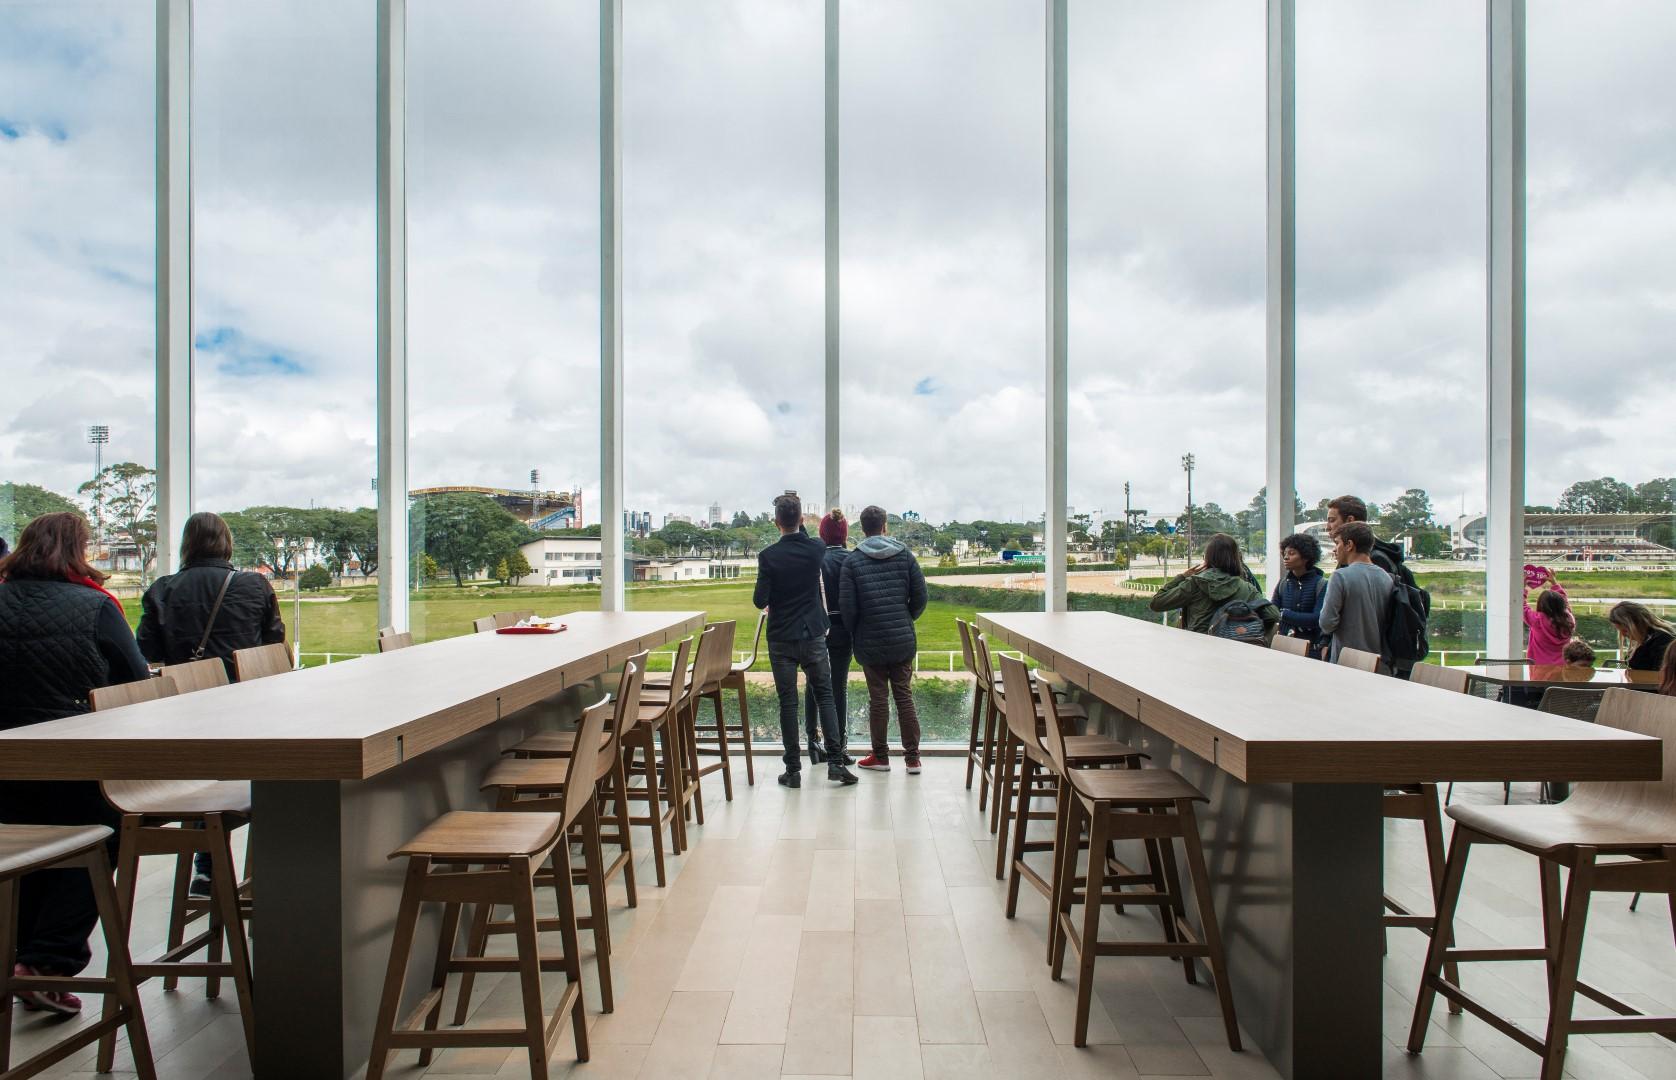 Grandes aberturas na praça de alimentação permitem a visualização do hipódromo do Jockey Club. Foto: Letícia Akemi / Gazeta do Povo